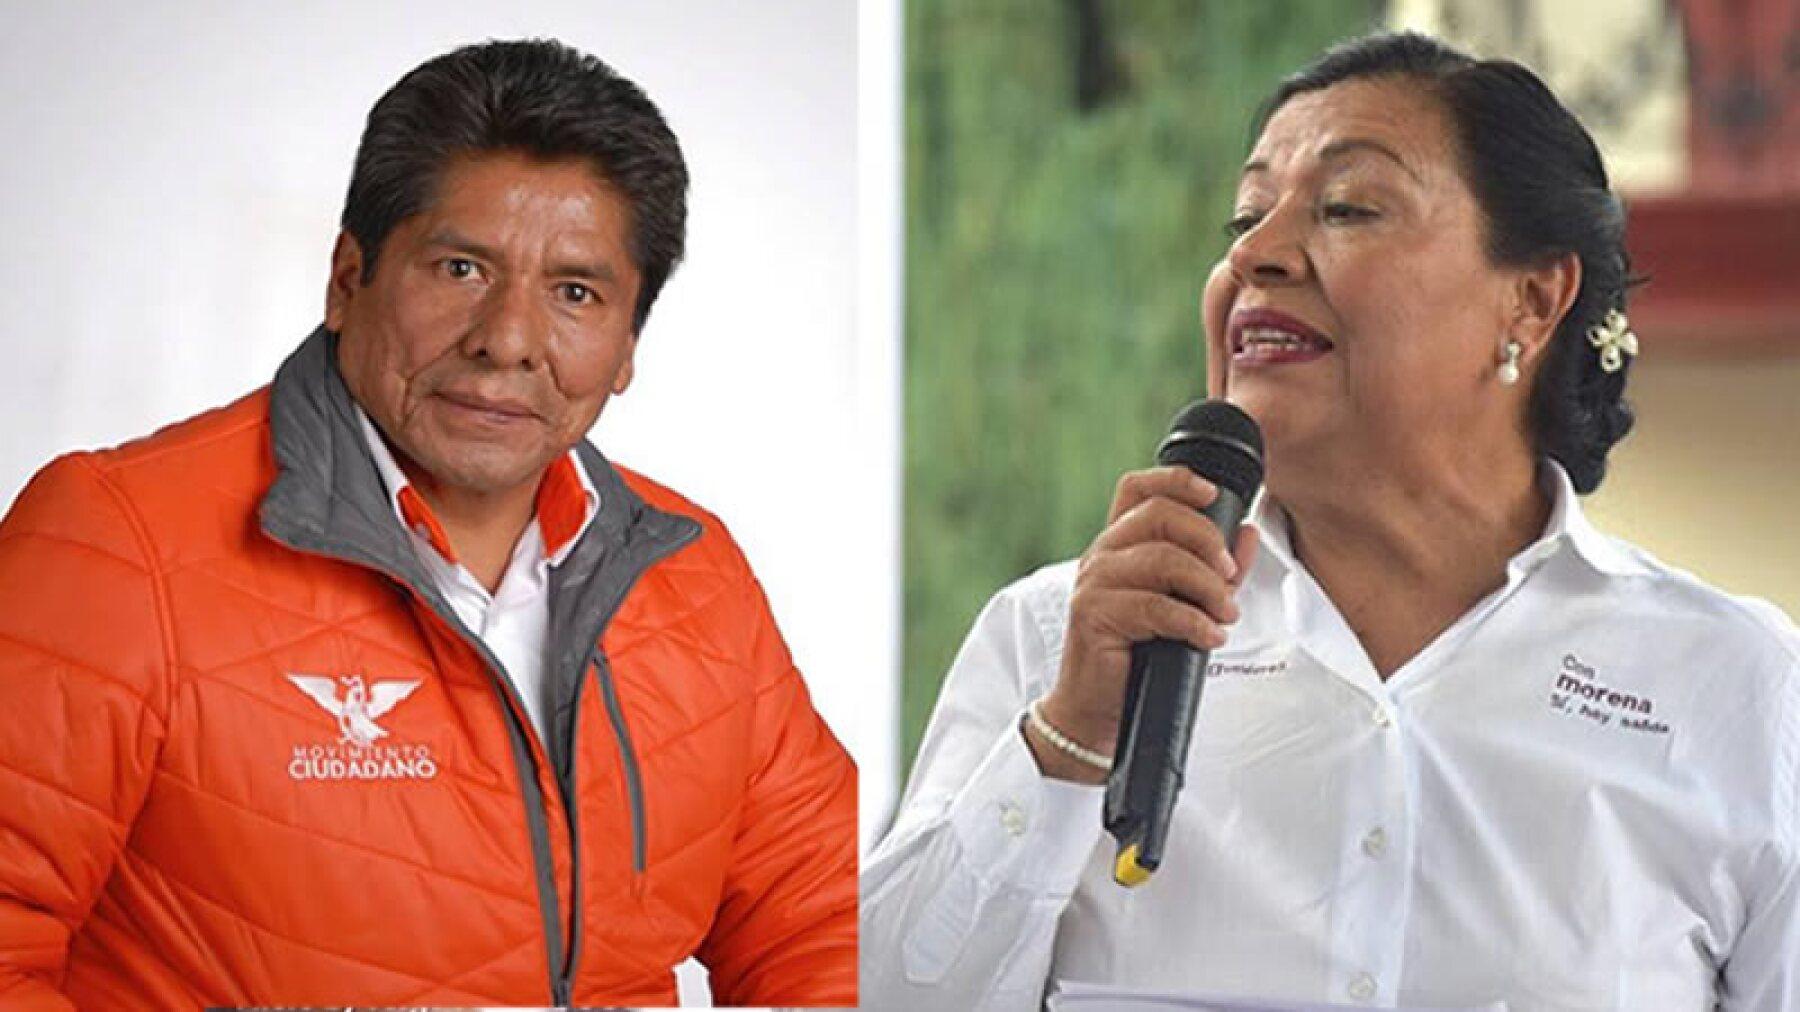 Los candidatos de Morena han coincidido en sus actividades proselitistas en dar atención al combate a la pobreza y la atracción de inversiones.